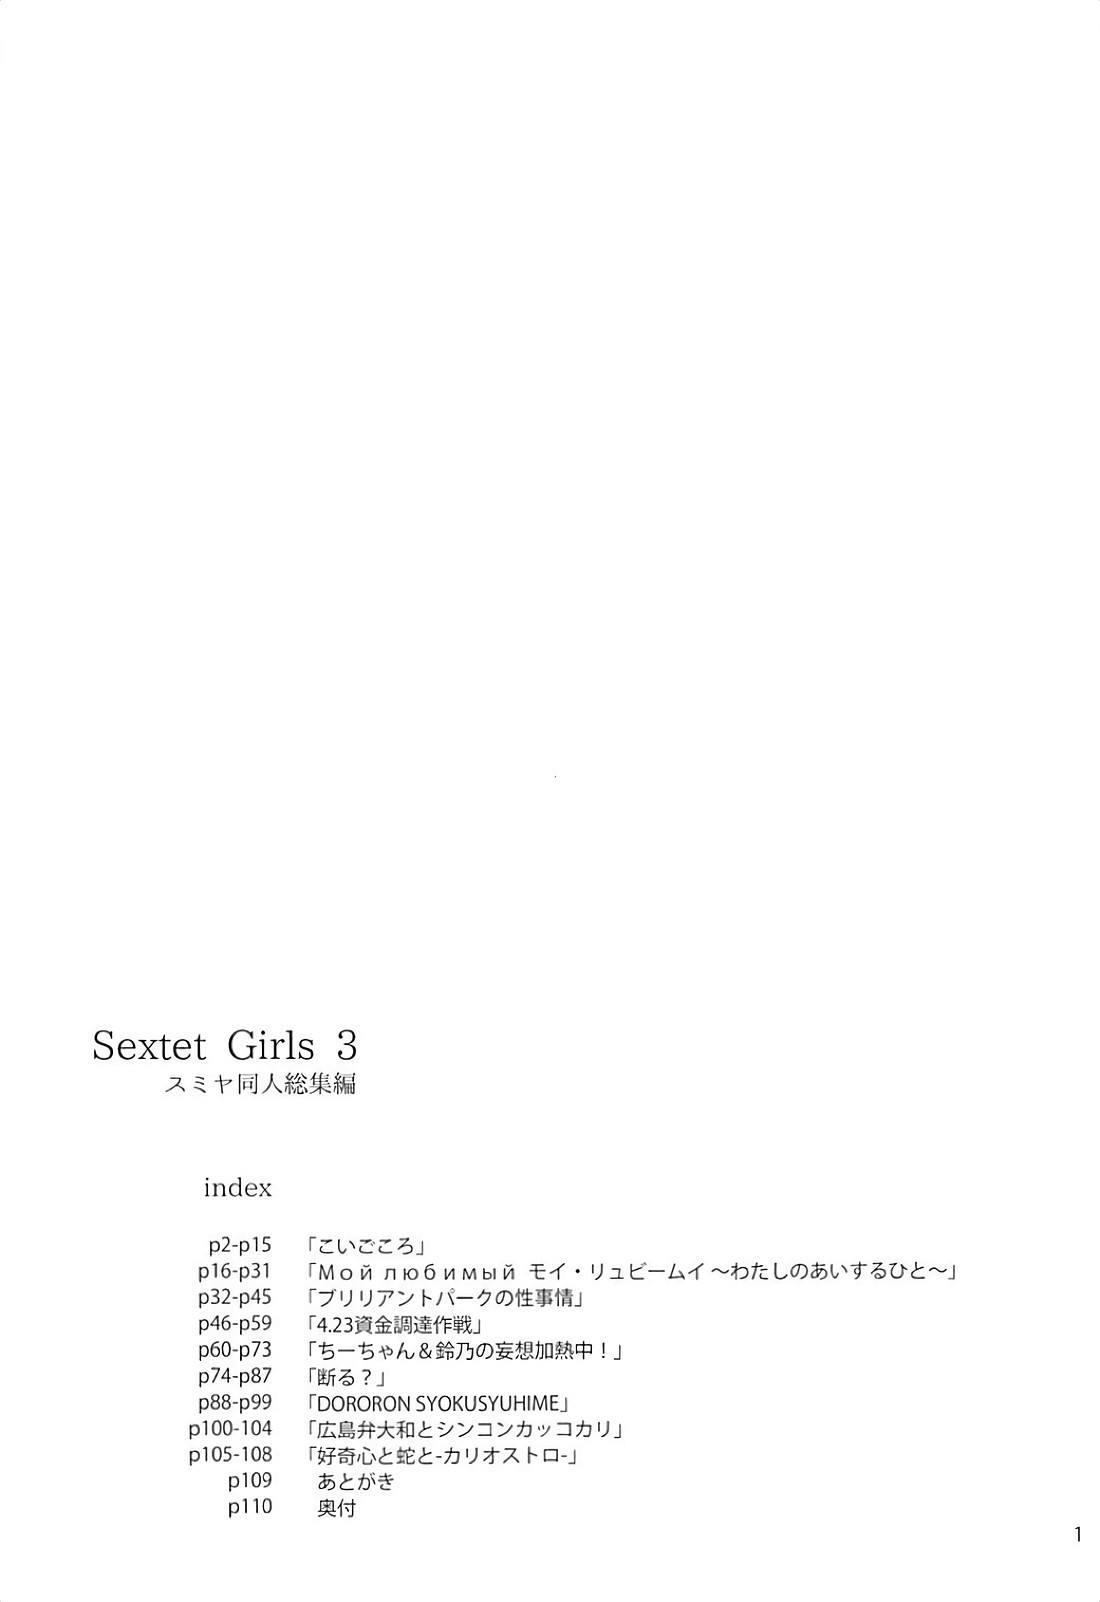 Sextet Girls 3 1